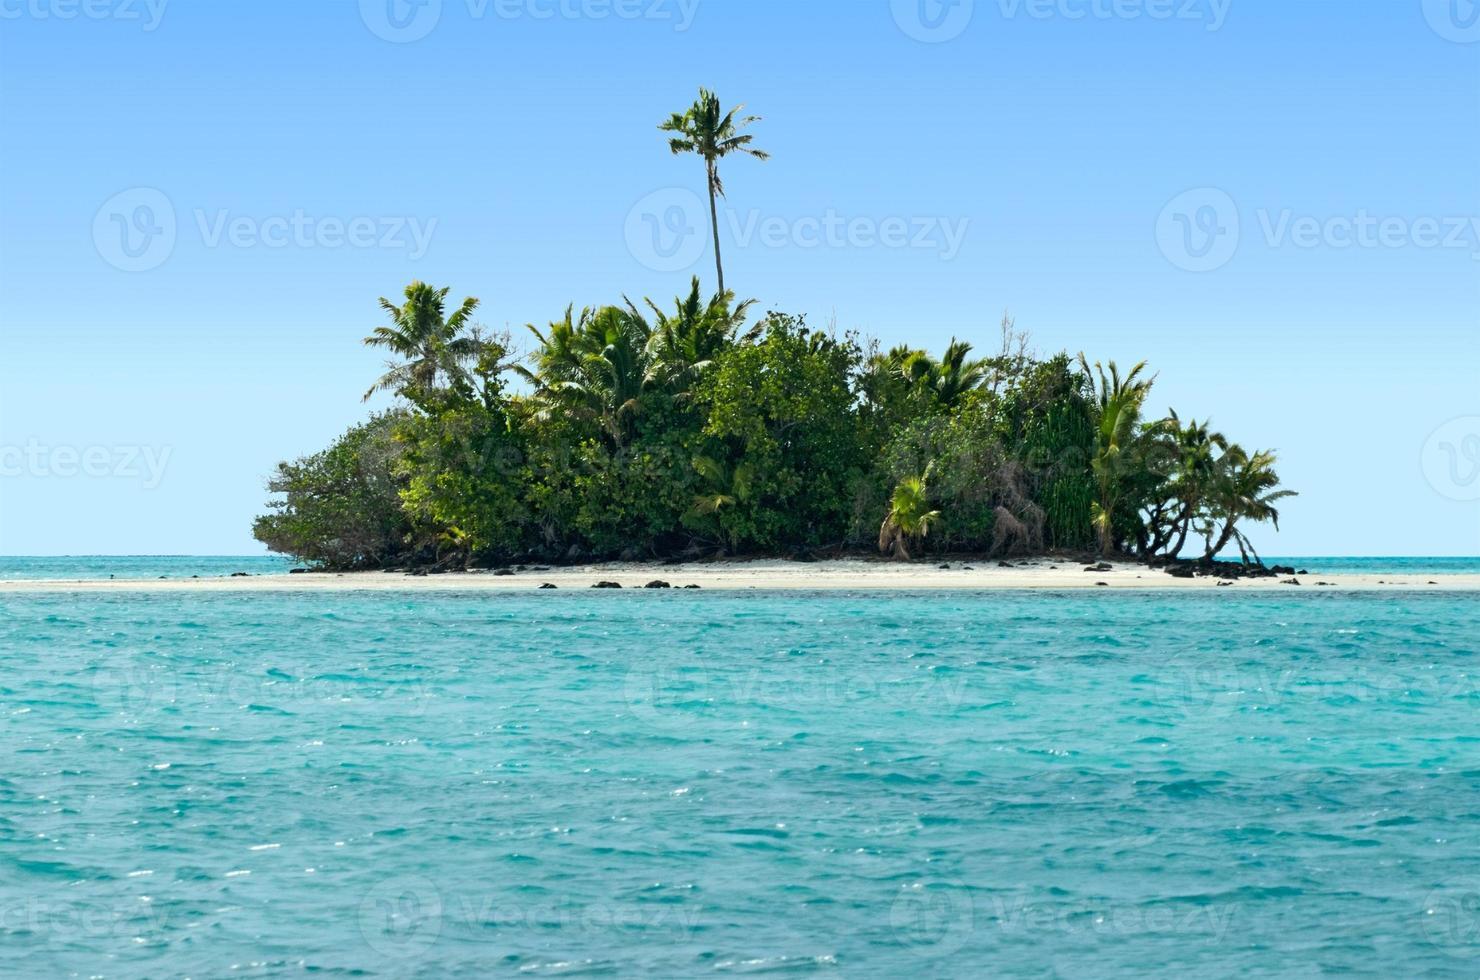 paisagem da ilha de rapota nas ilhas cook de aitutaki lagoa foto